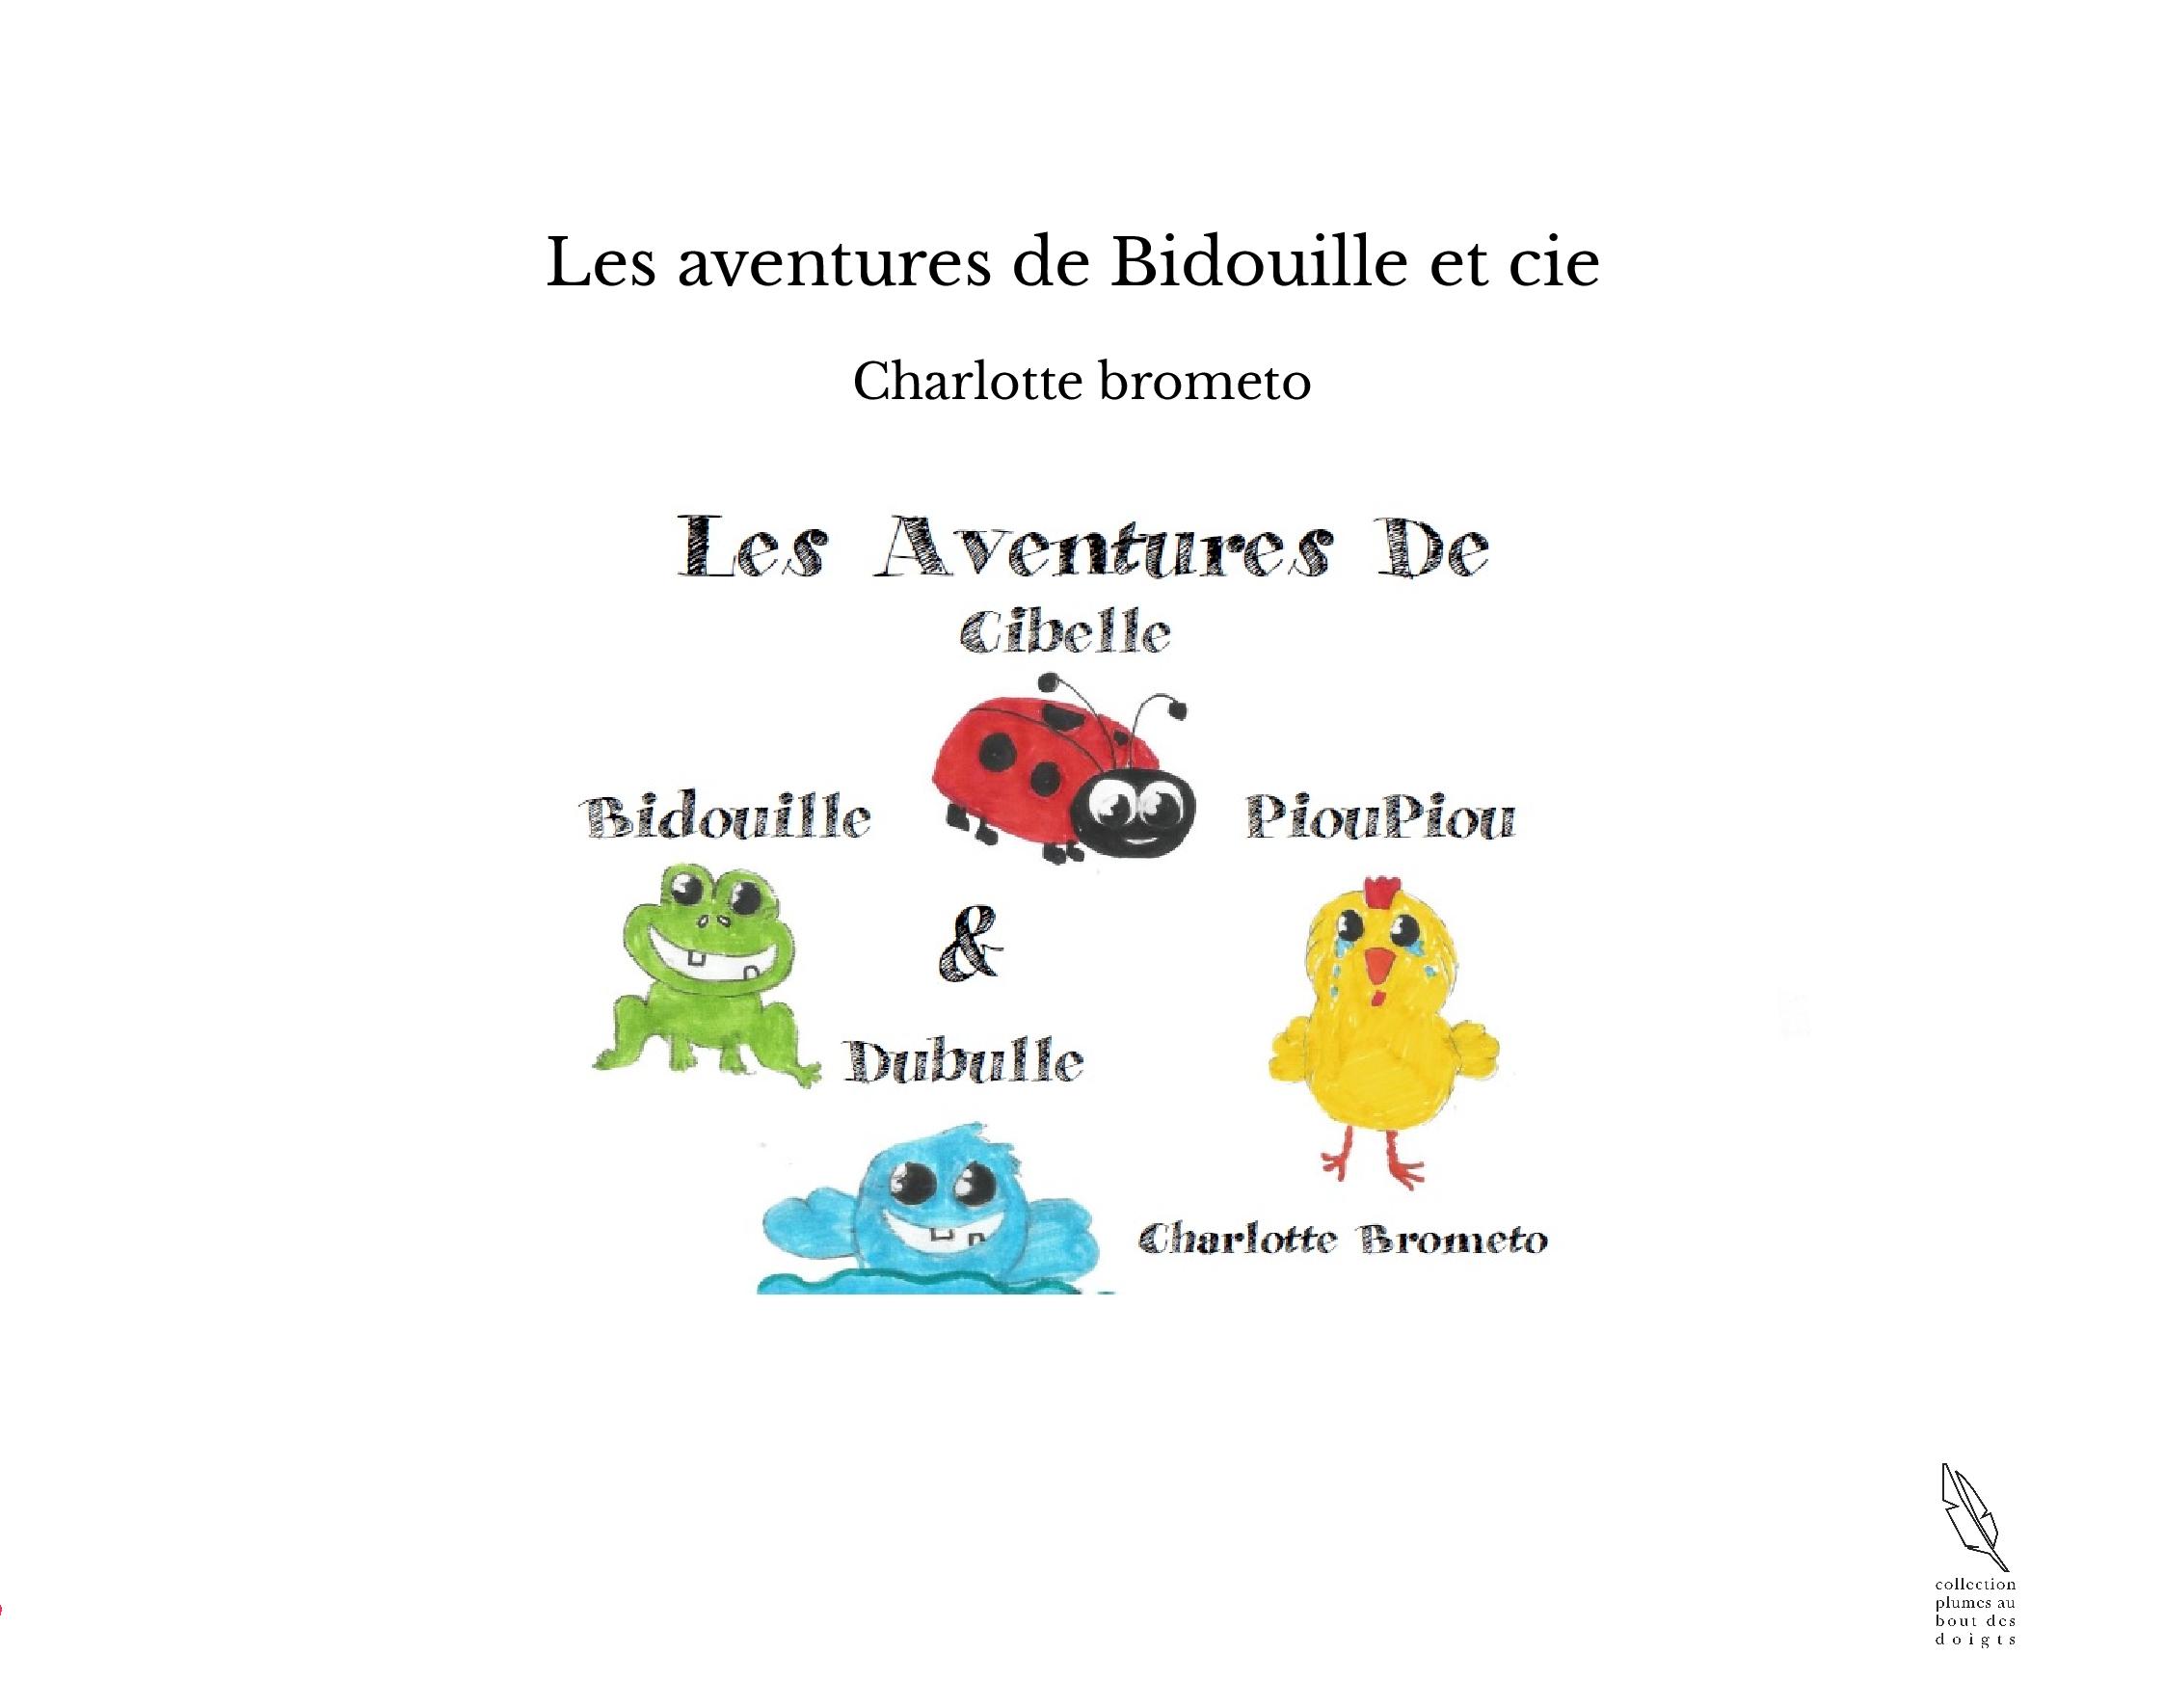 Les aventures de Bidouille et cie